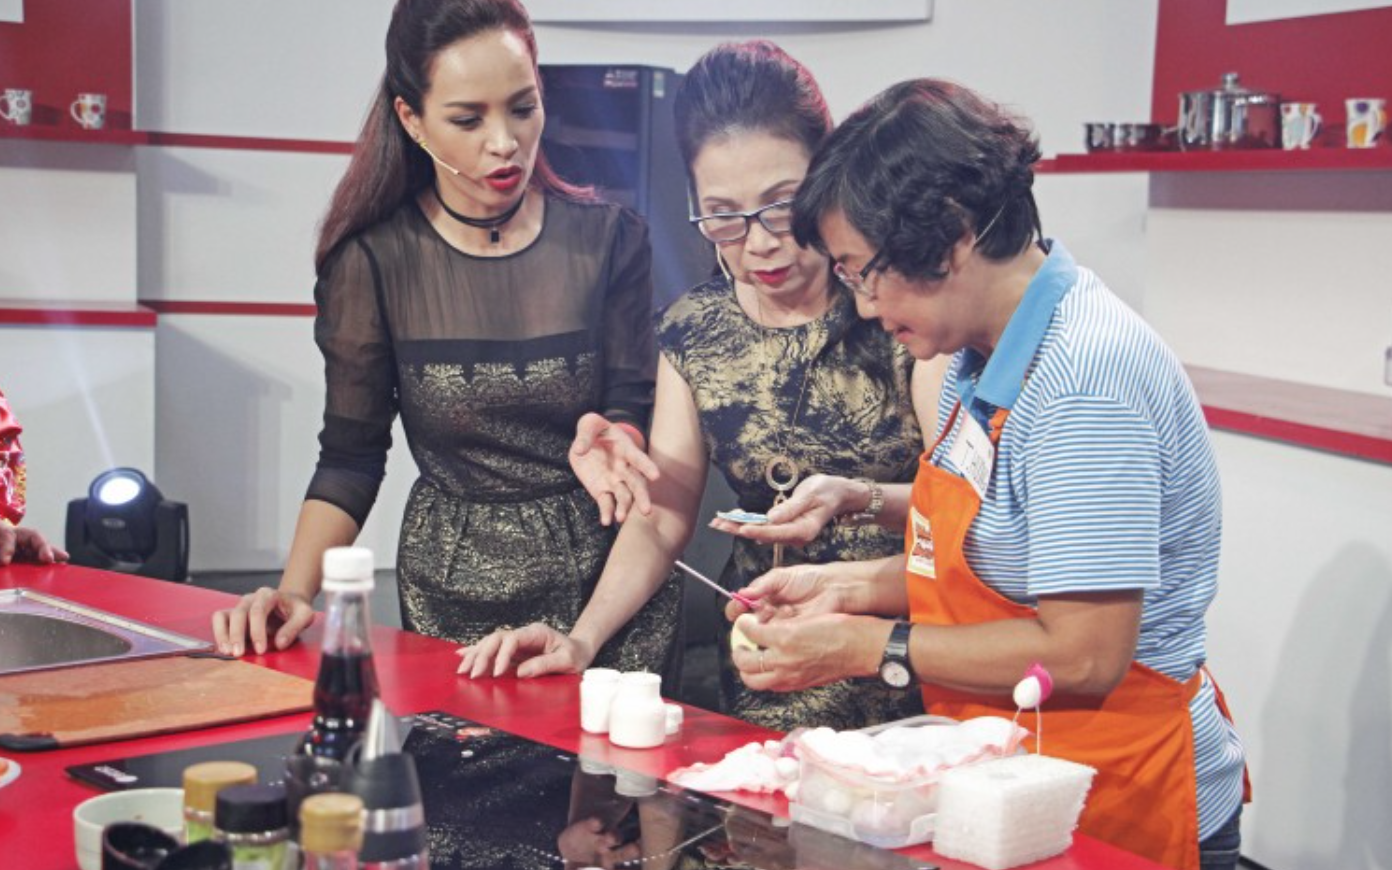 NSƯT Kim Xuân hạnh phúc khi cùng nấu ăn với người hâm mộ - Ảnh 3.